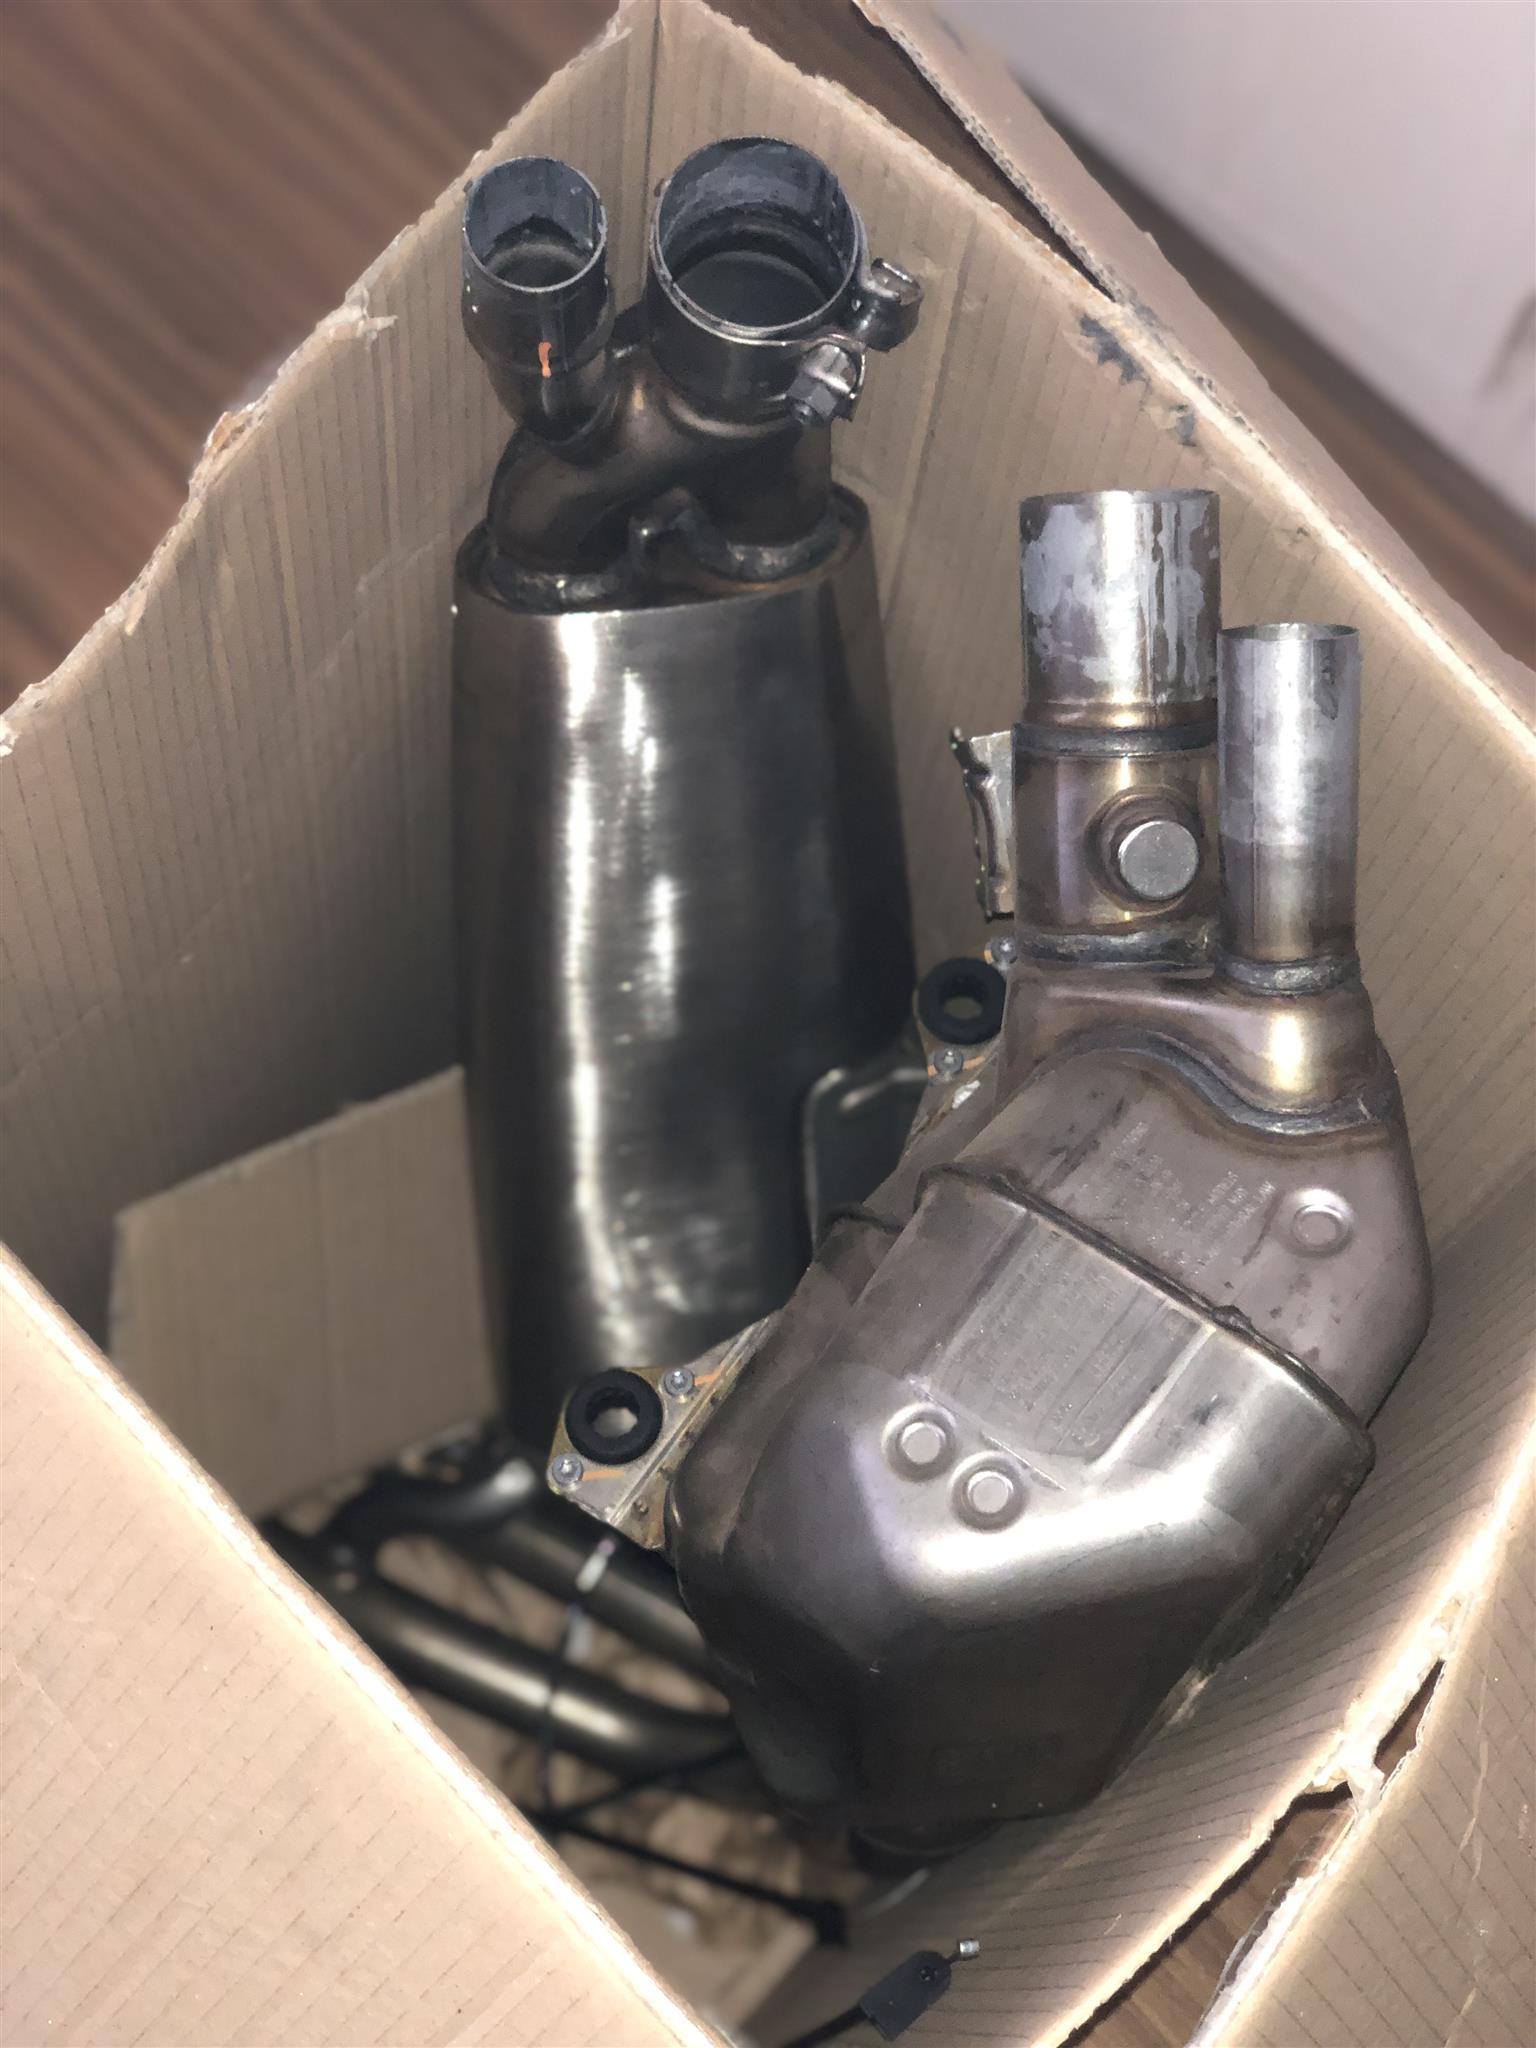 BMW S1000RR original parts for sale